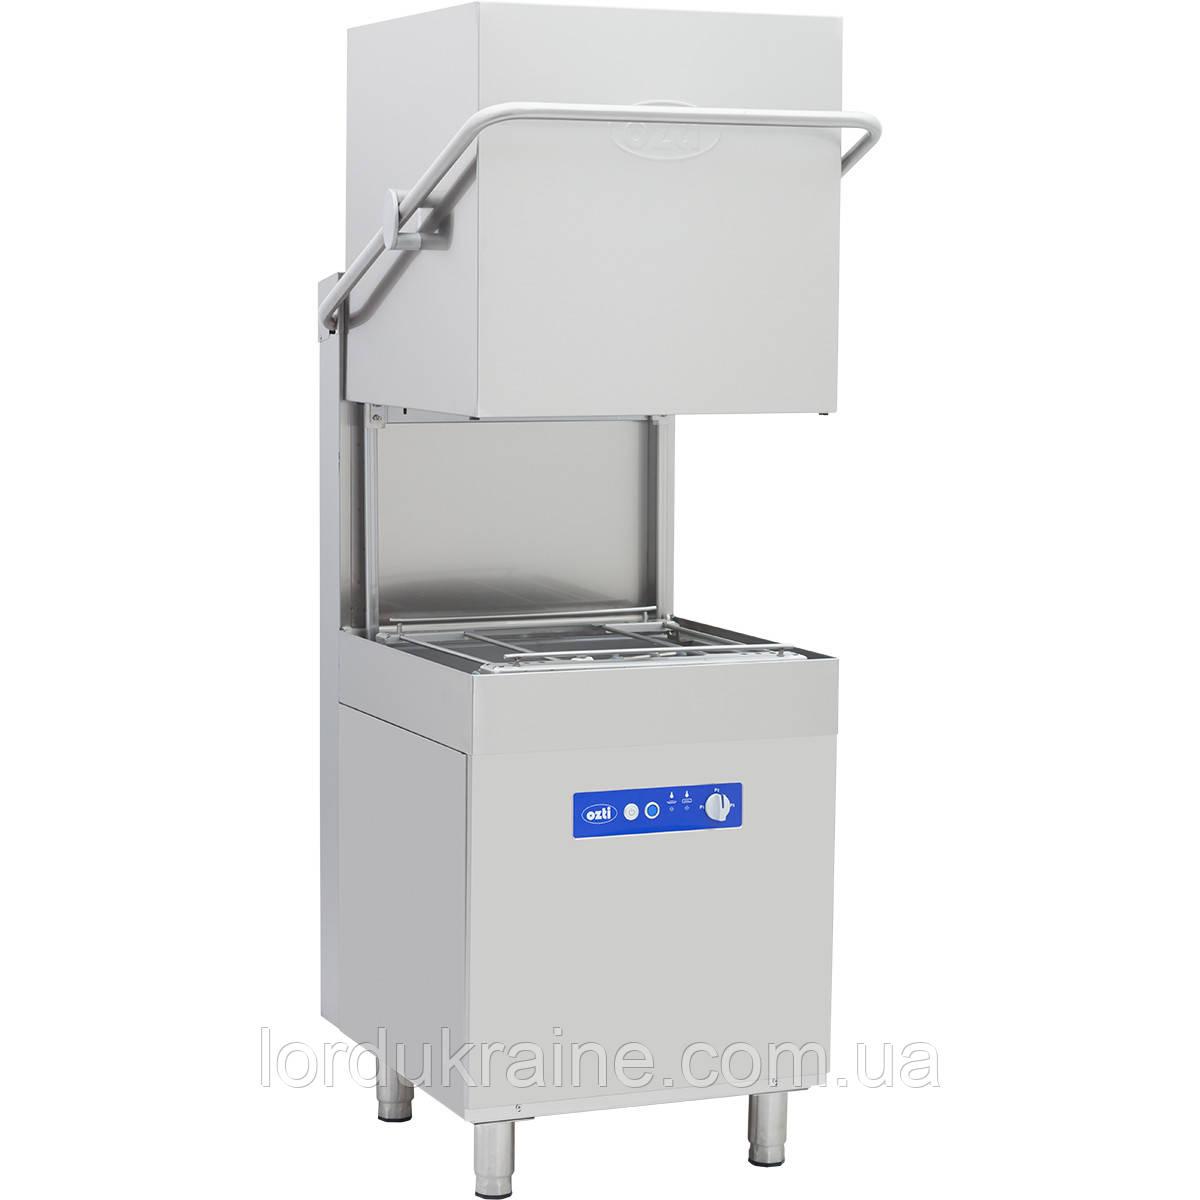 Посудомоечная машина купольная OZTI OBM-1080M R